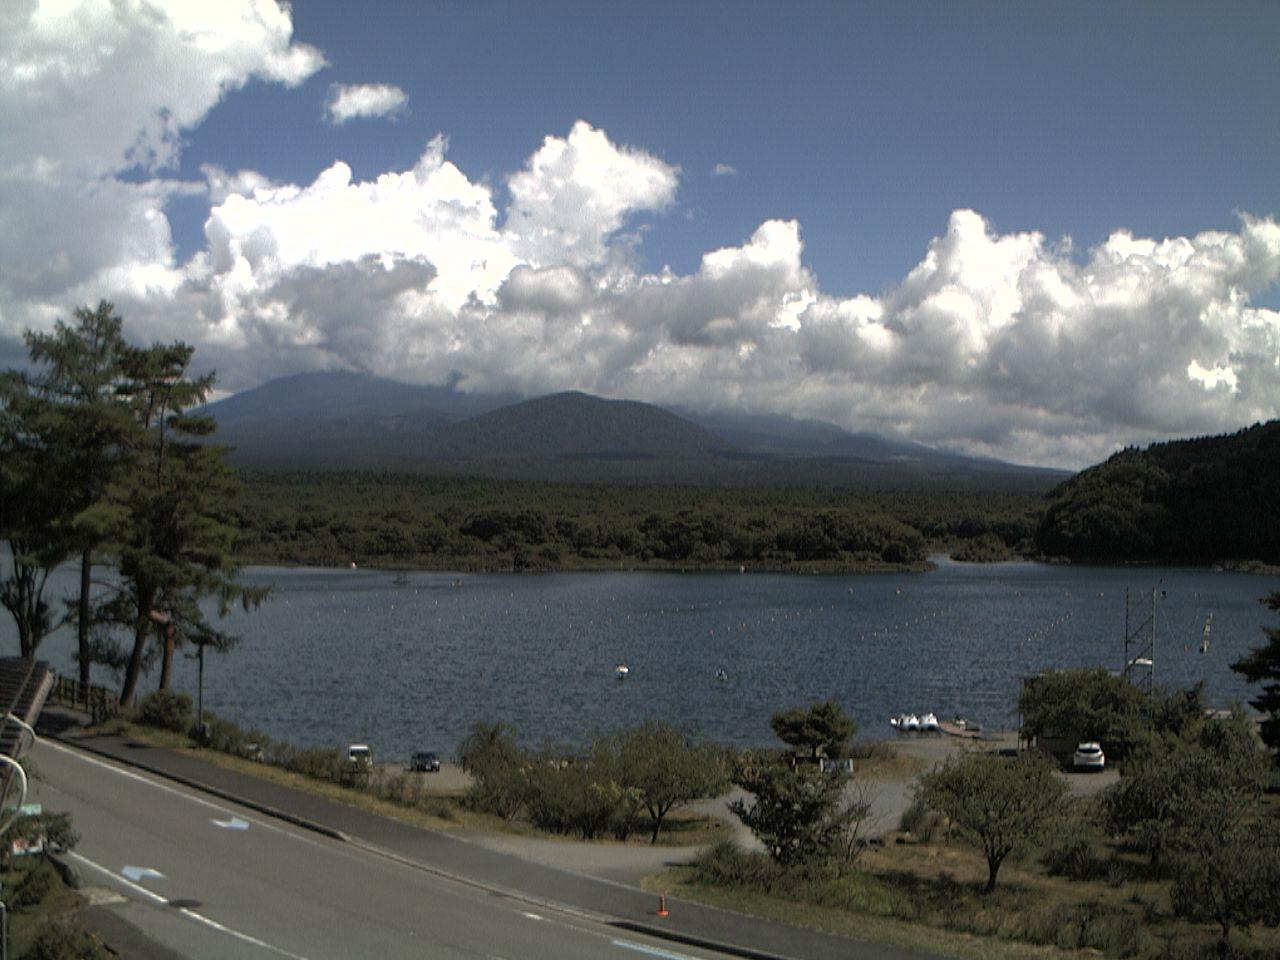 富士山ライブカメラ(精進湖子抱き富士カメラ)